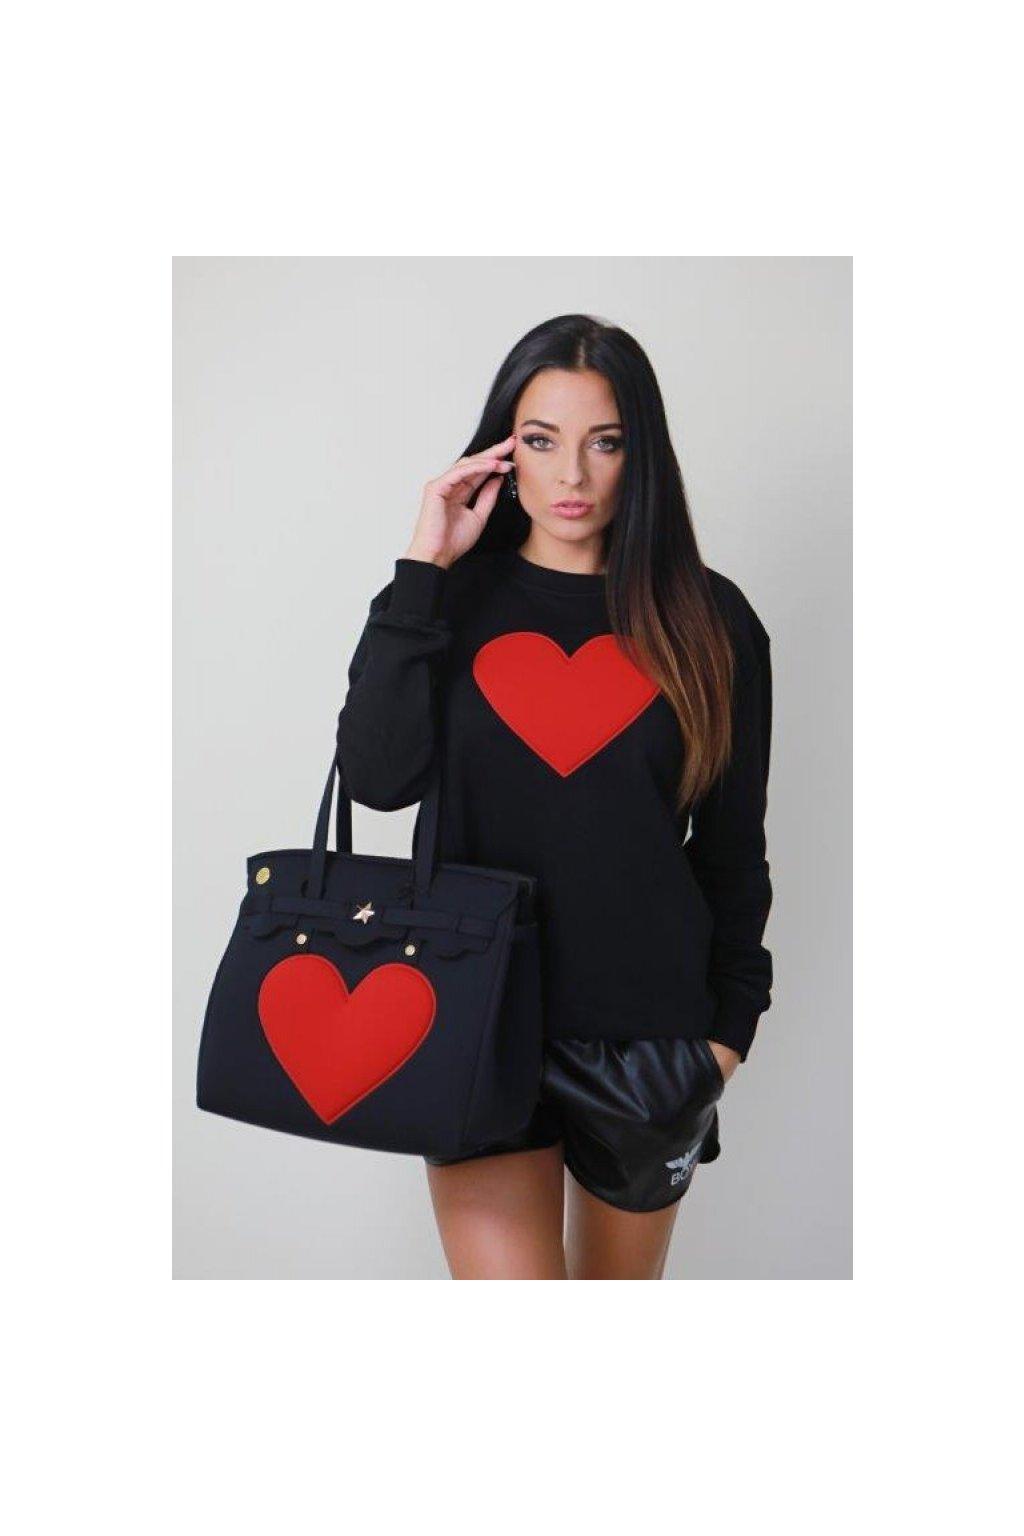 Mikina s červeným srdcem La Fille des Fleurs - černé (Velikost Velikost M)